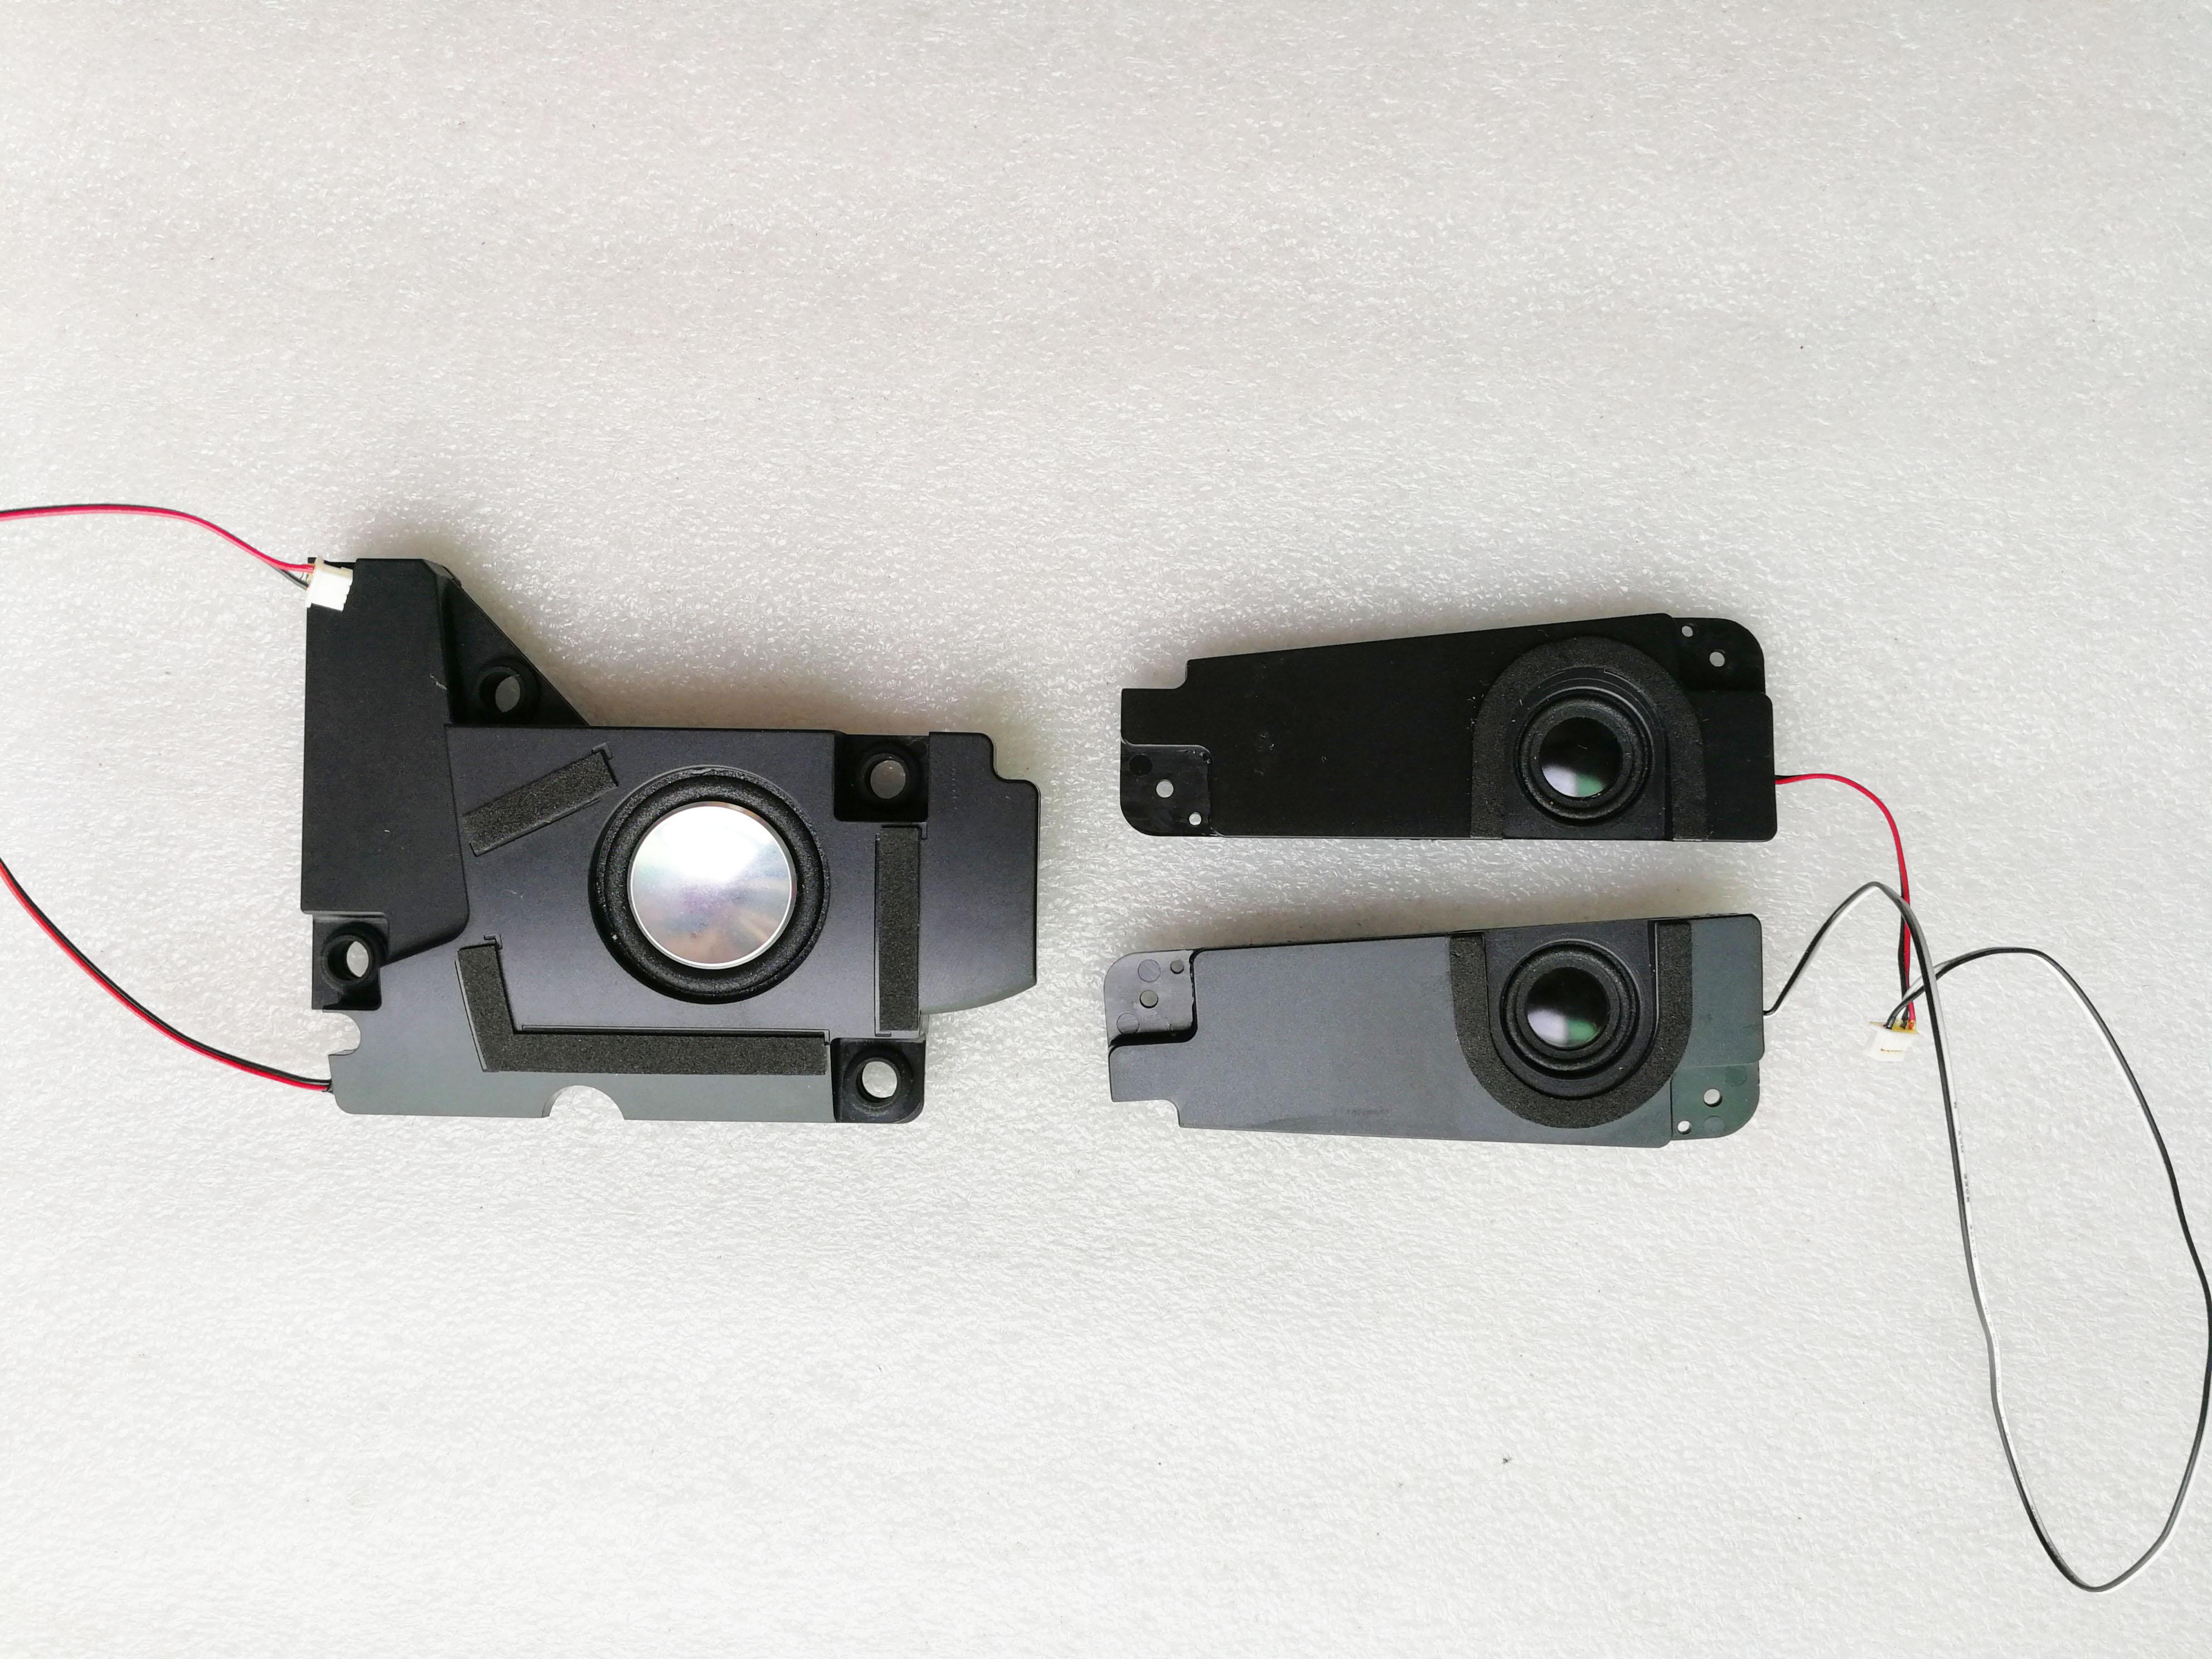 Nouveau original pour asus G751 G751J haut-parleur SubwooferNouveau original pour asus G751 G751J haut-parleur Subwoofer